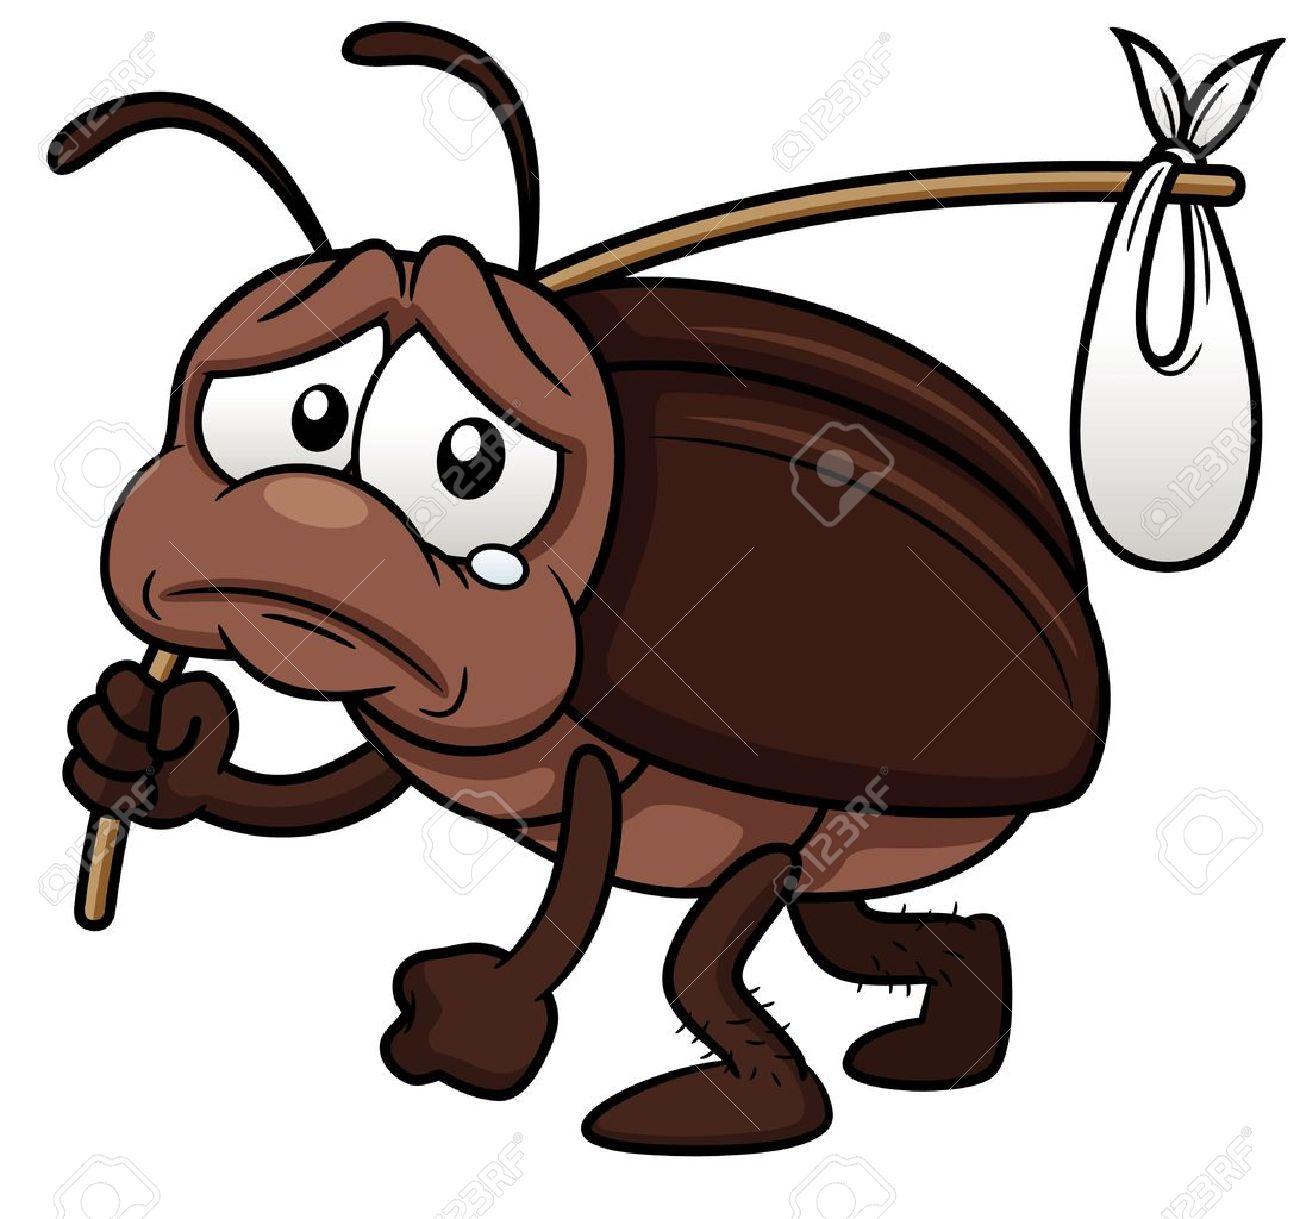 ゴキブリ漫画のイラストが出るのイラスト素材ベクタ Image 17813699